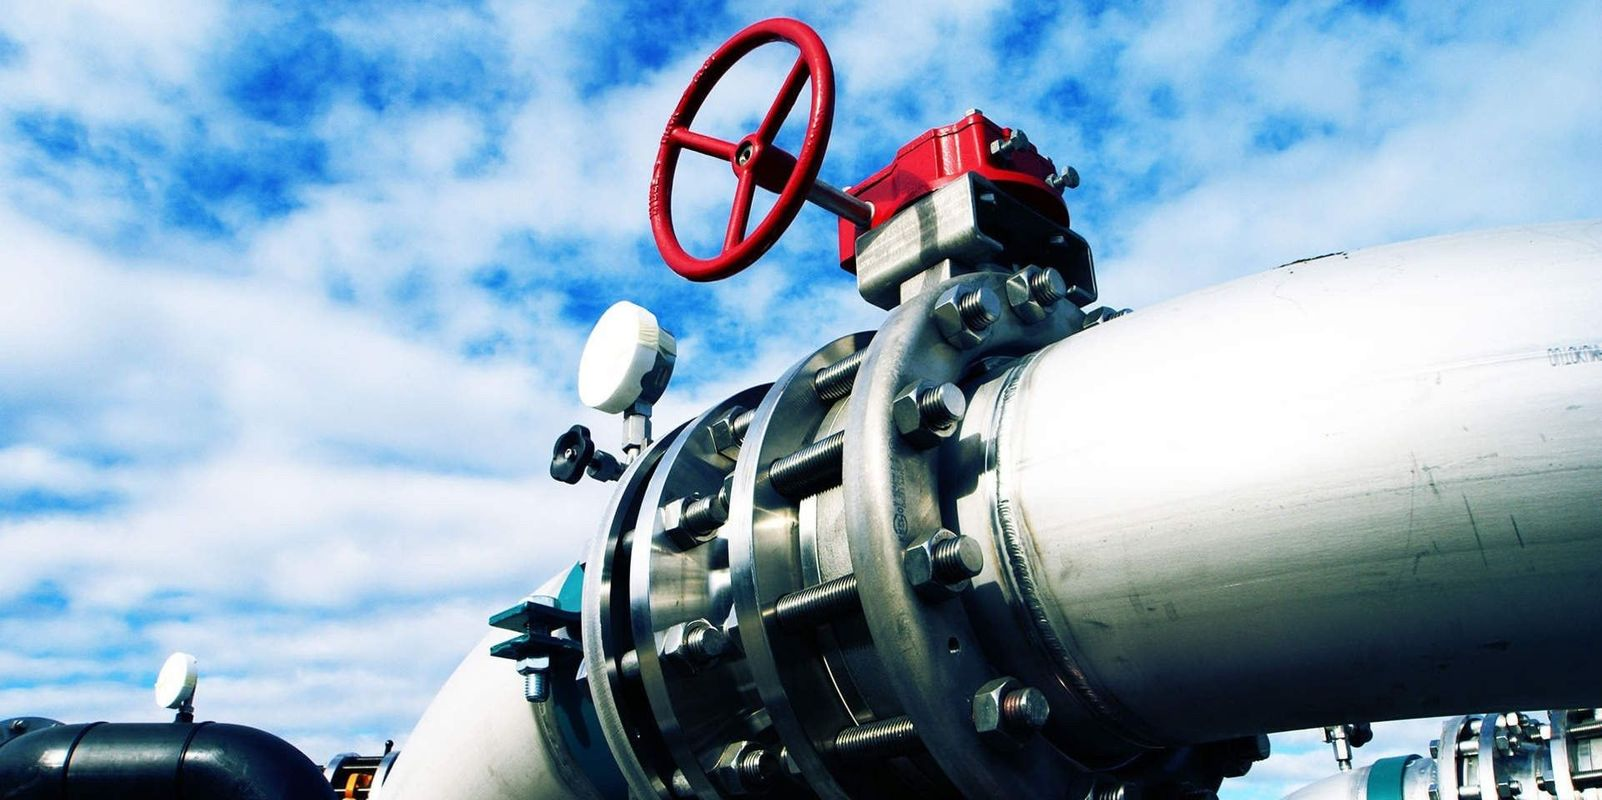 Строительство газопровода Сары-Арка идёт по графику